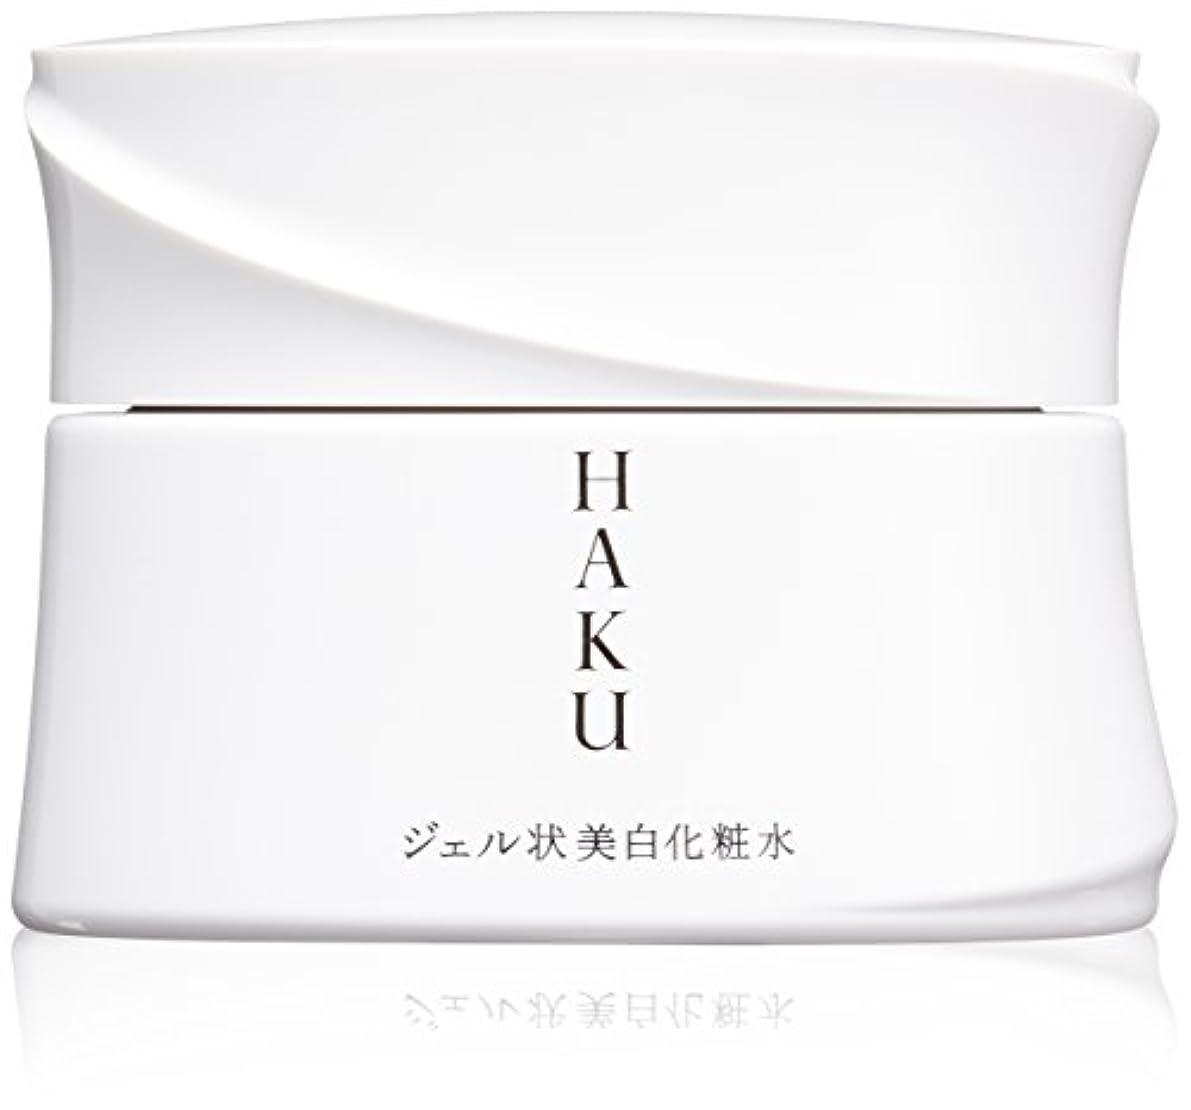 役に立つ願う蓋HAKU メラノディープモイスチャー 美白化粧水 100g 【医薬部外品】